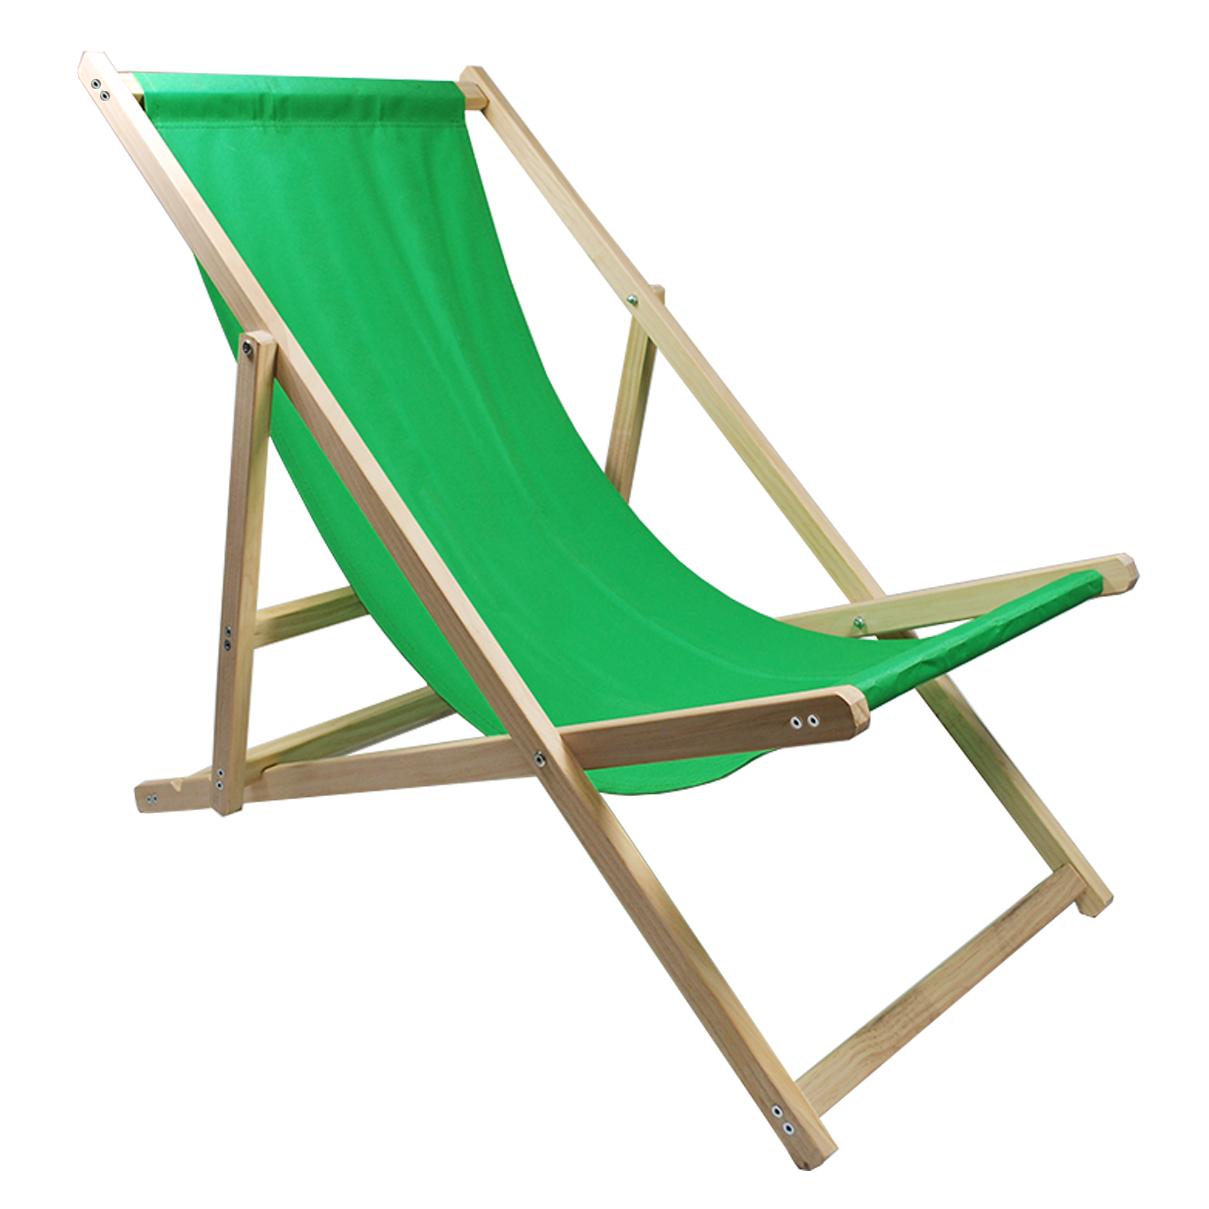 Full Size of Liegestuhl Strandliege Sonnenliege Holz Garten Liege Klapp 120 Kg Regal Weiß Cd Altholz Esstisch Alu Fenster Massivholz Betten Küche Bad Waschtisch Wohnzimmer Liegestuhl Holz